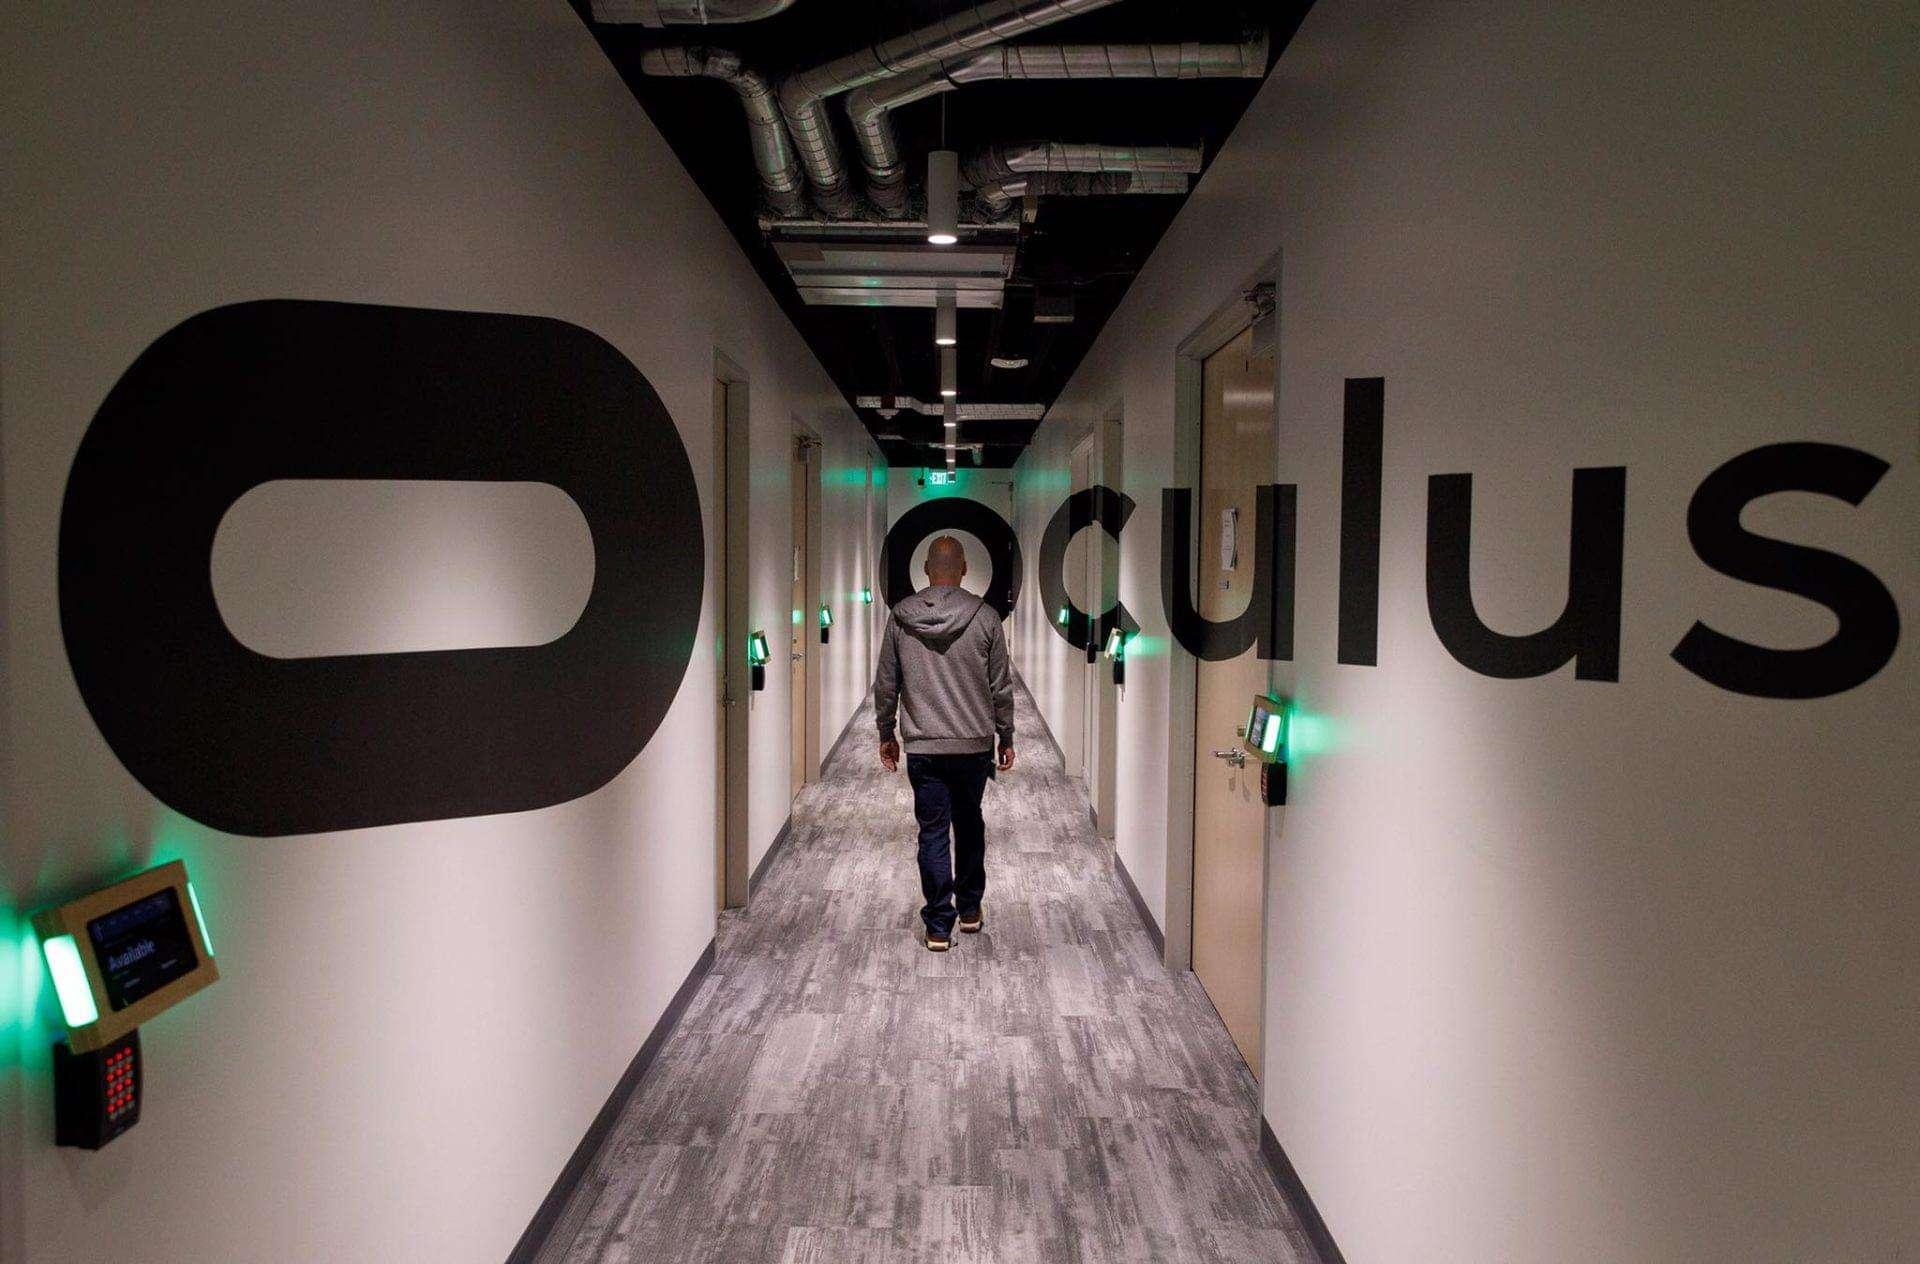 Oculus VR Gloves 1 e1486743166676